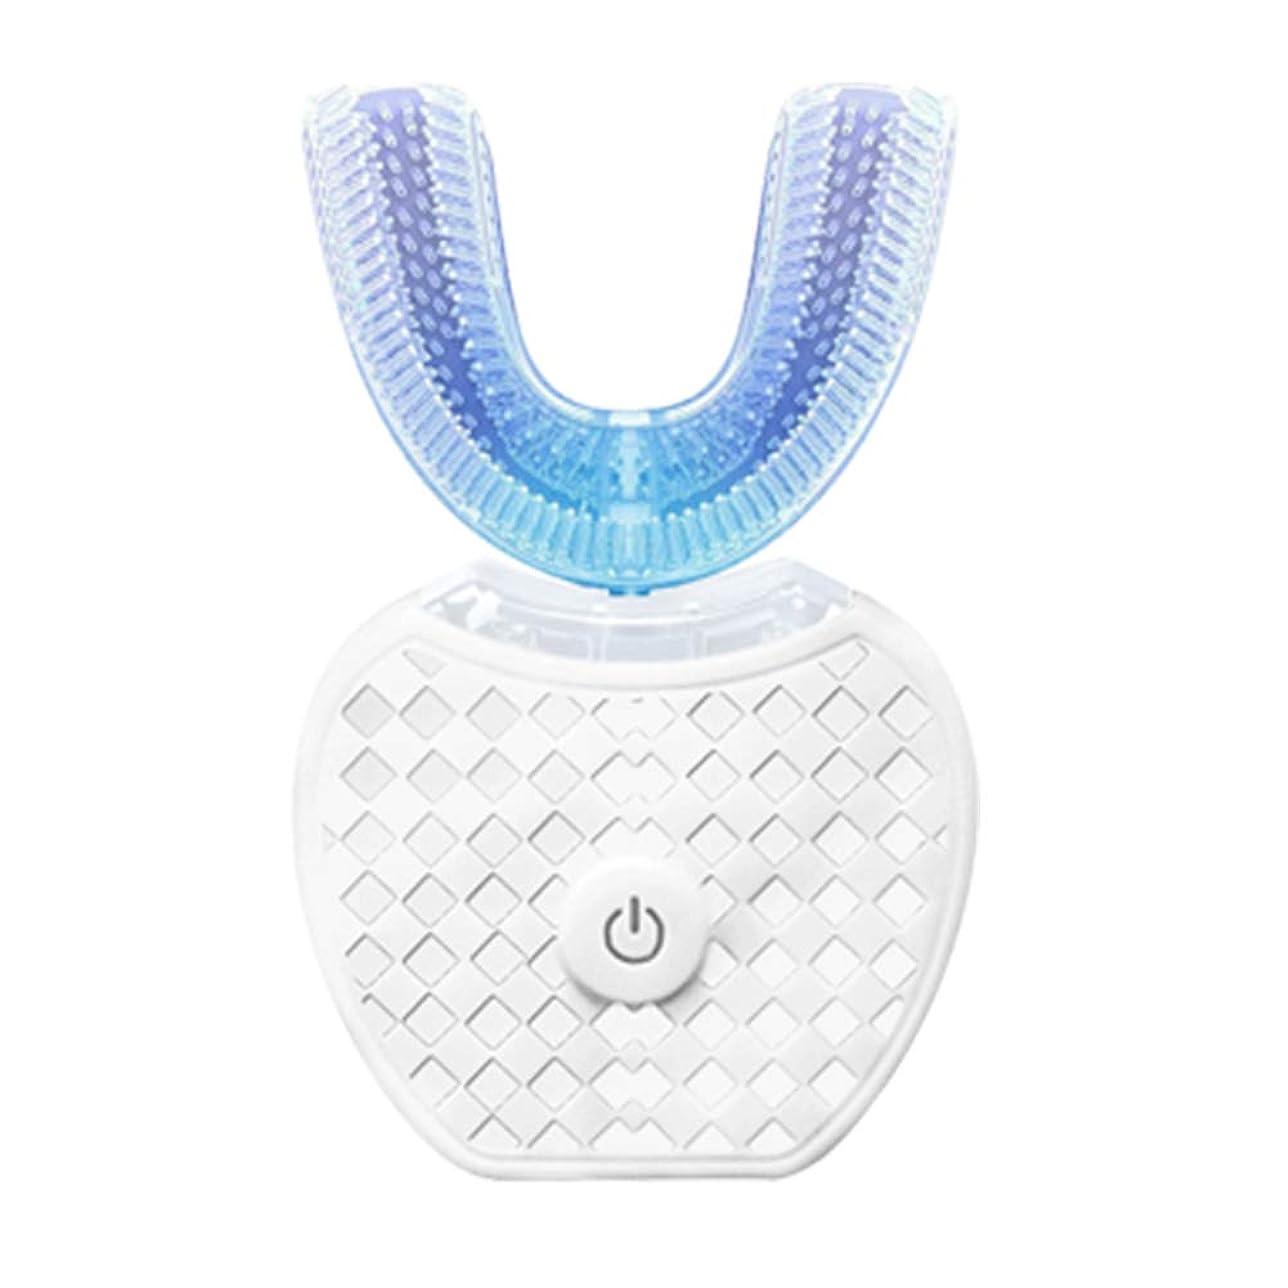 逃れる支払いなぜならU字型電動歯ブラシ、口腔電動歯ブラシ、U字型電動歯ブラシ交換ヘッド、成人用電動歯ブラシ、電動歯ブラシ-White